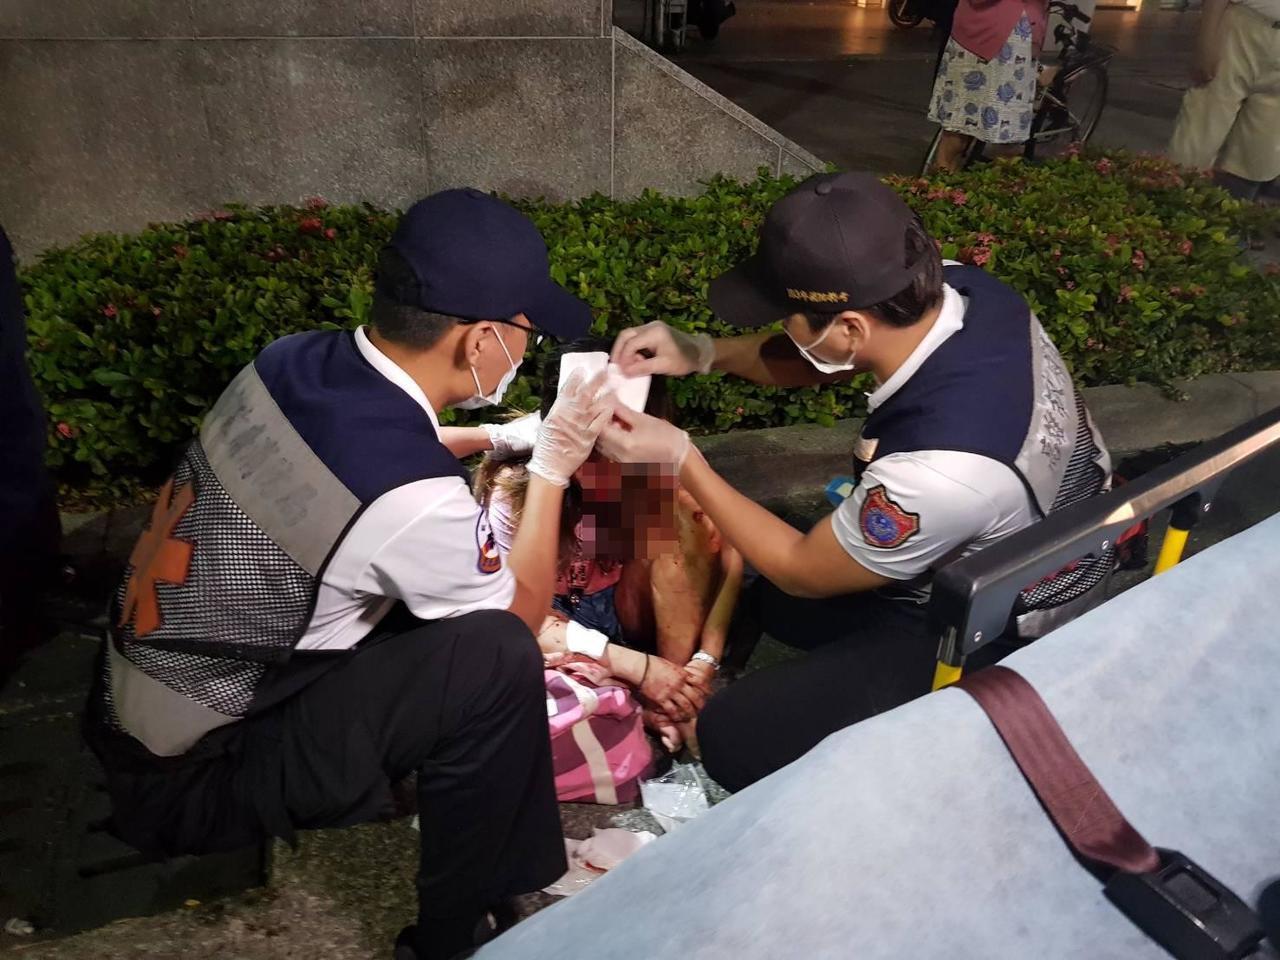 救護人員正為受傷的陳姓女子裹傷。圖/讀者提供